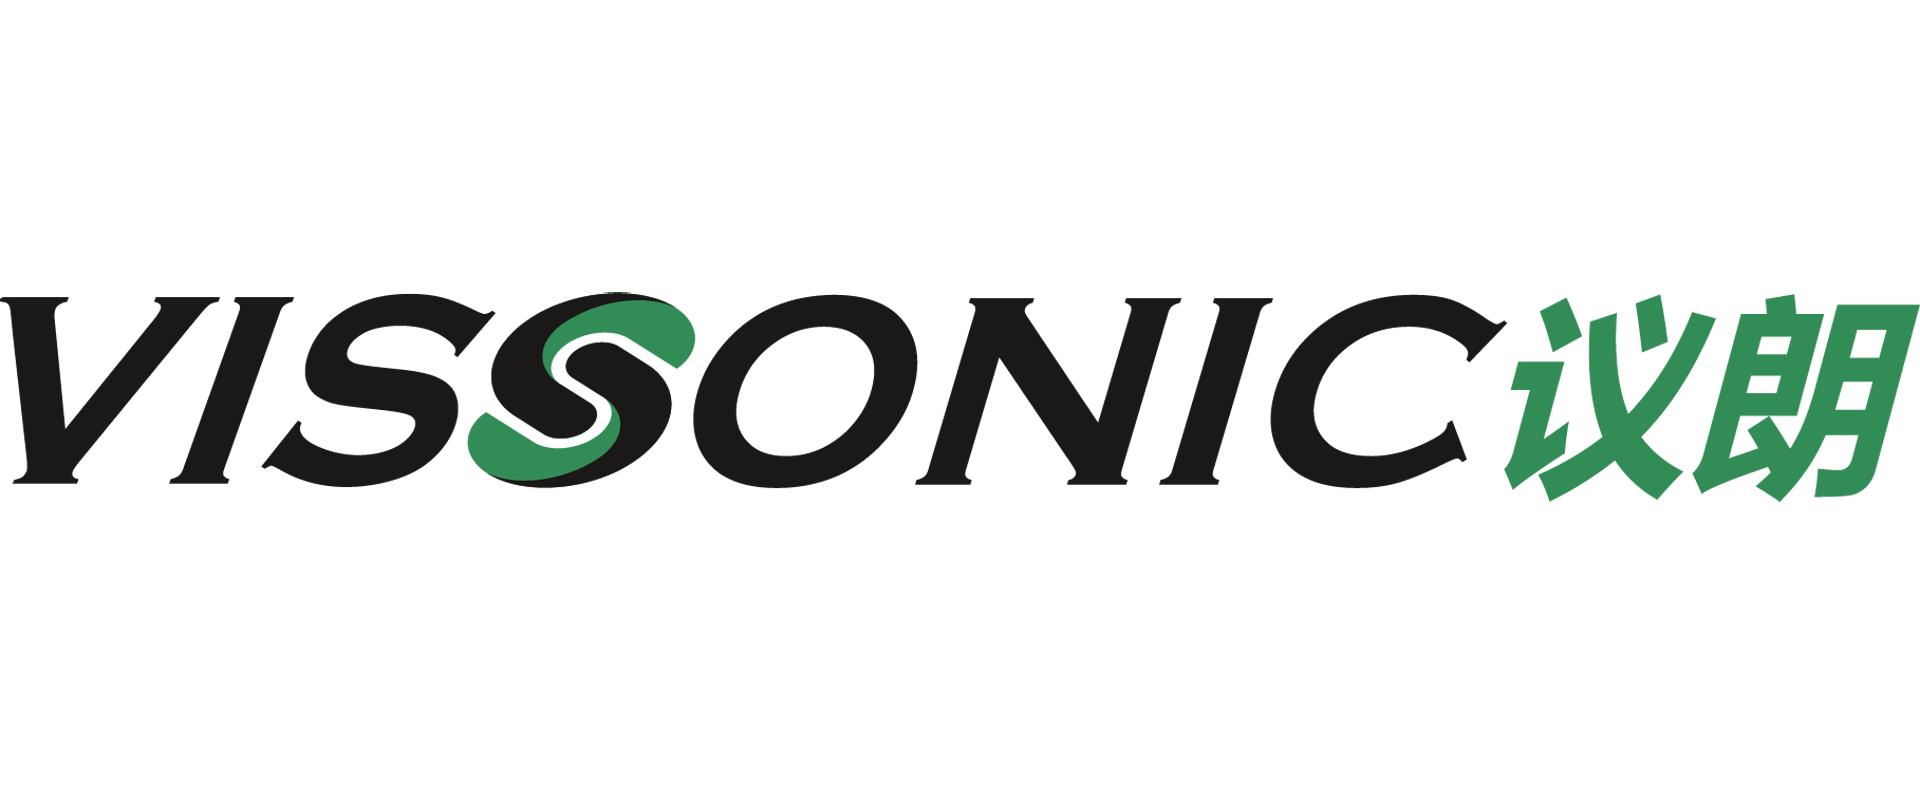 广州市唯图新电子科技有限公司(议朗VISSONIC)简介——议朗VISSONIC产品品牌商标LOGO 标志